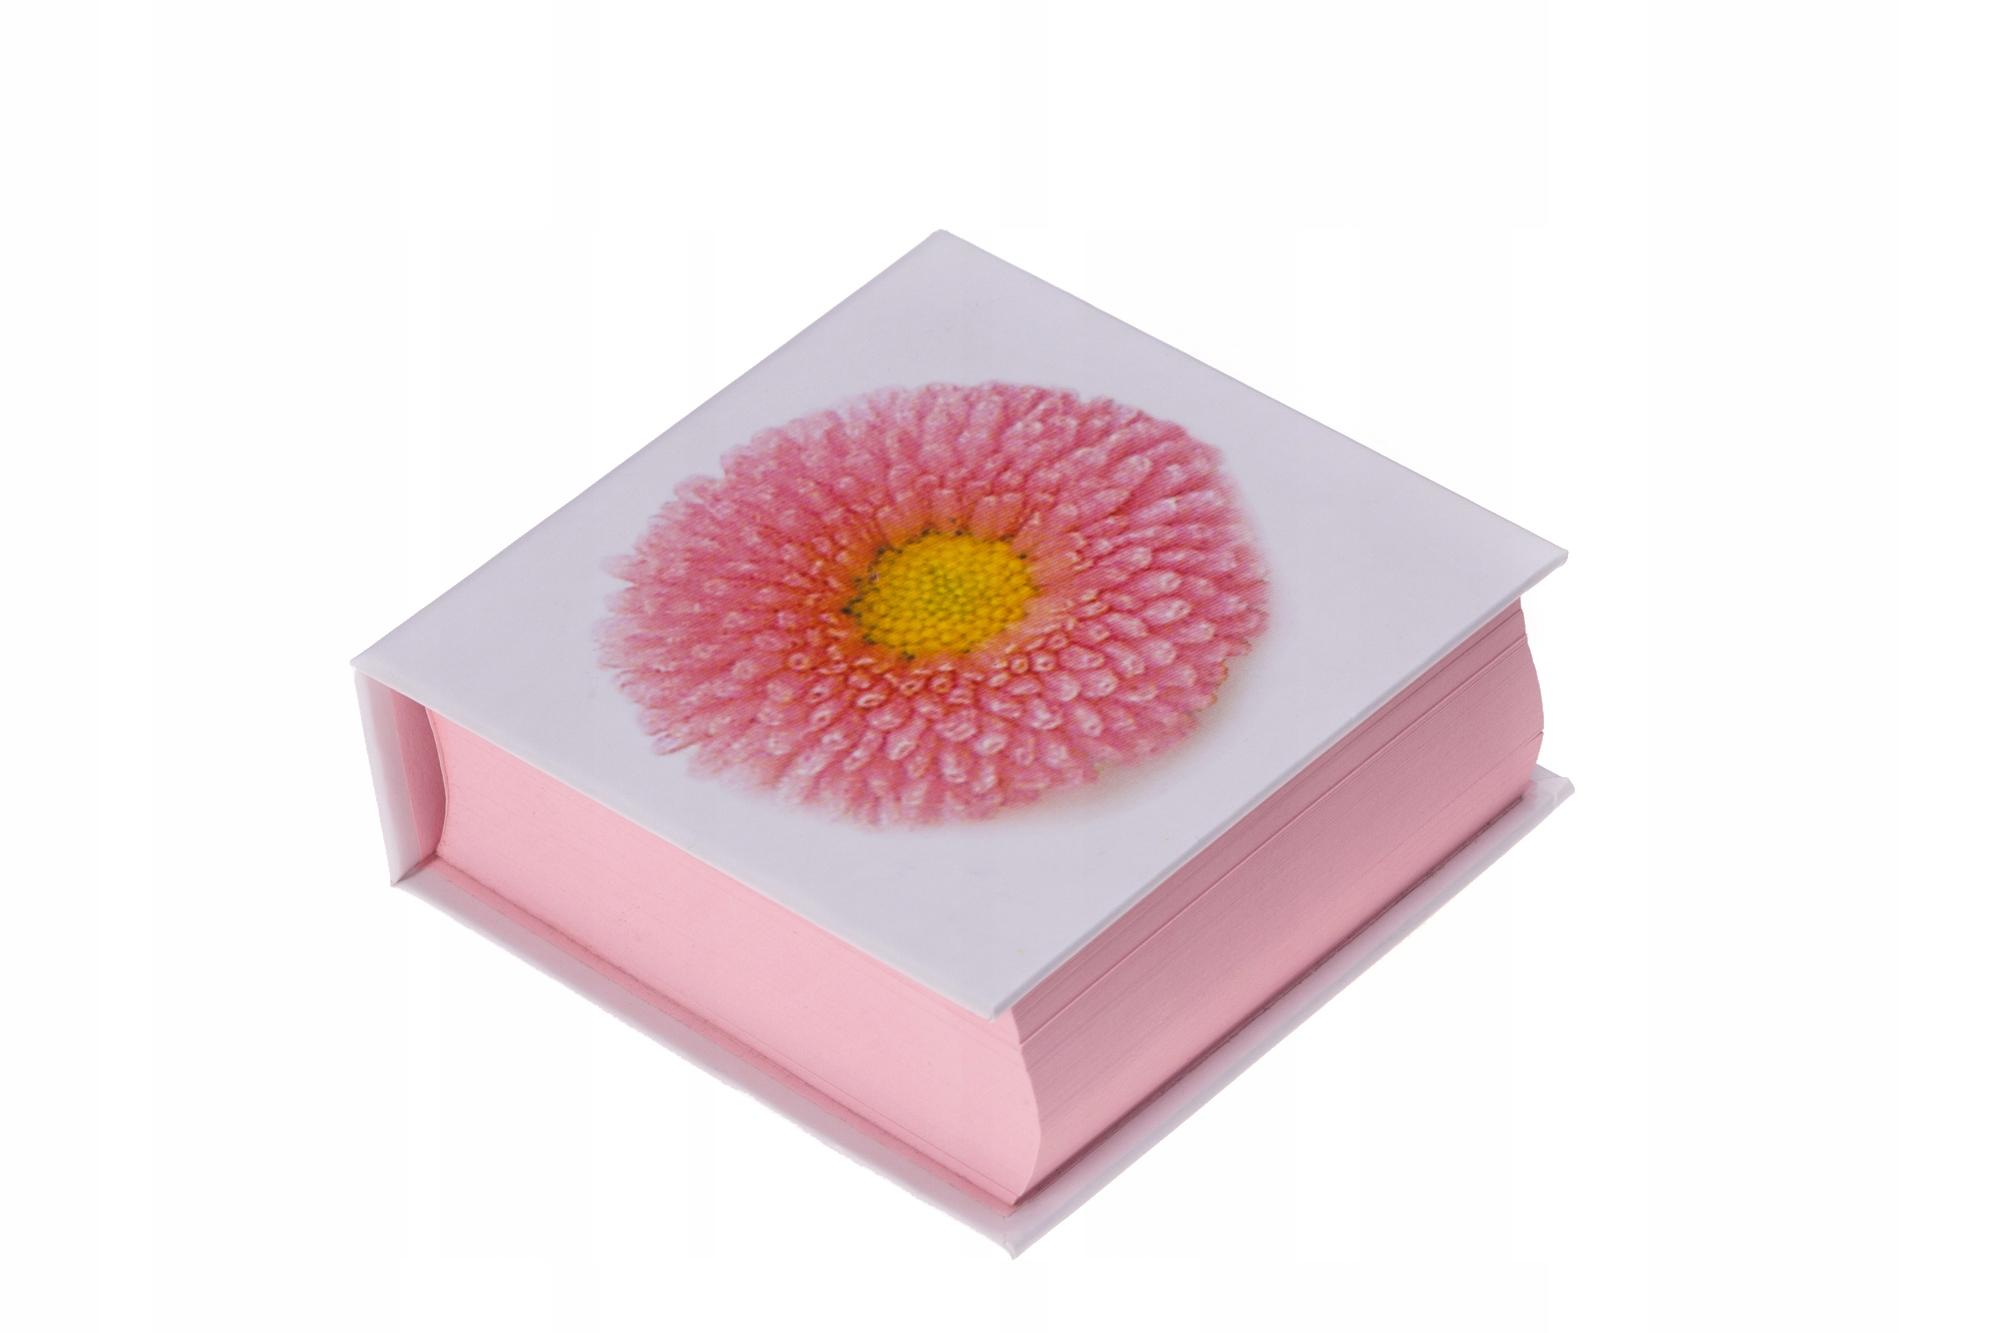 Kubik notes bloczek zapiski różowy Kwiatek PREENT